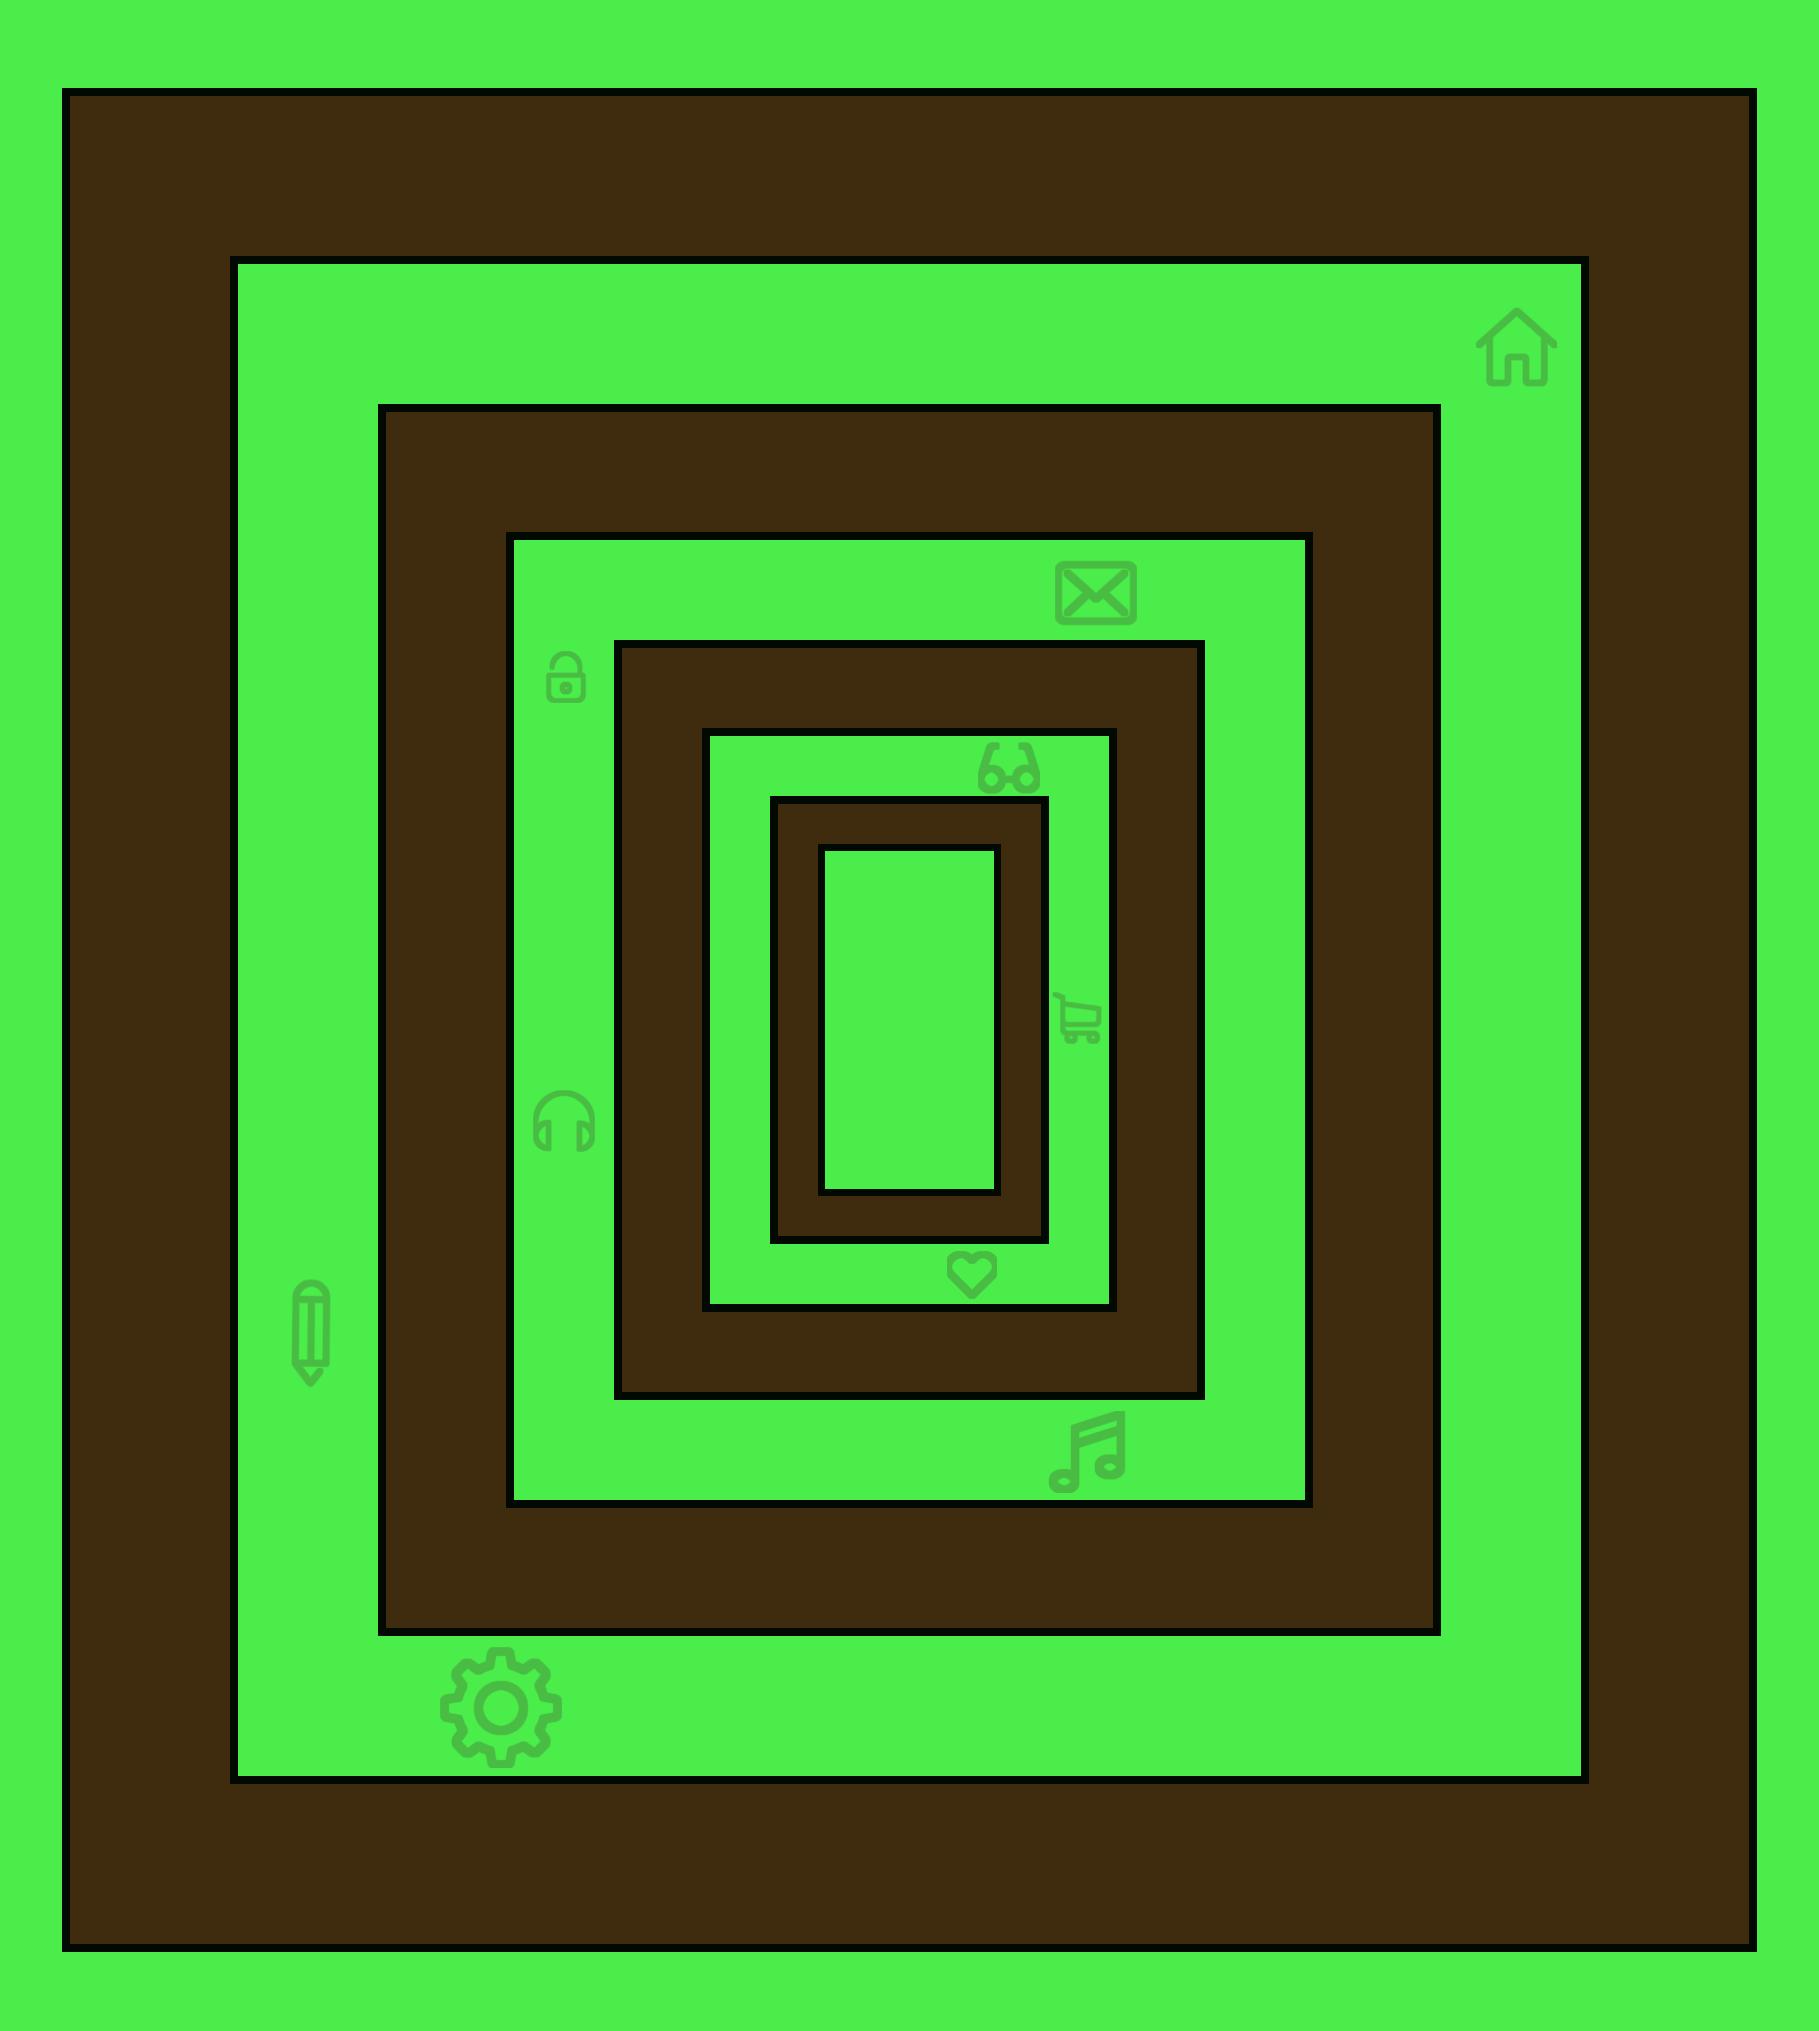 obrazek-oko-z-filtrem-zielonym